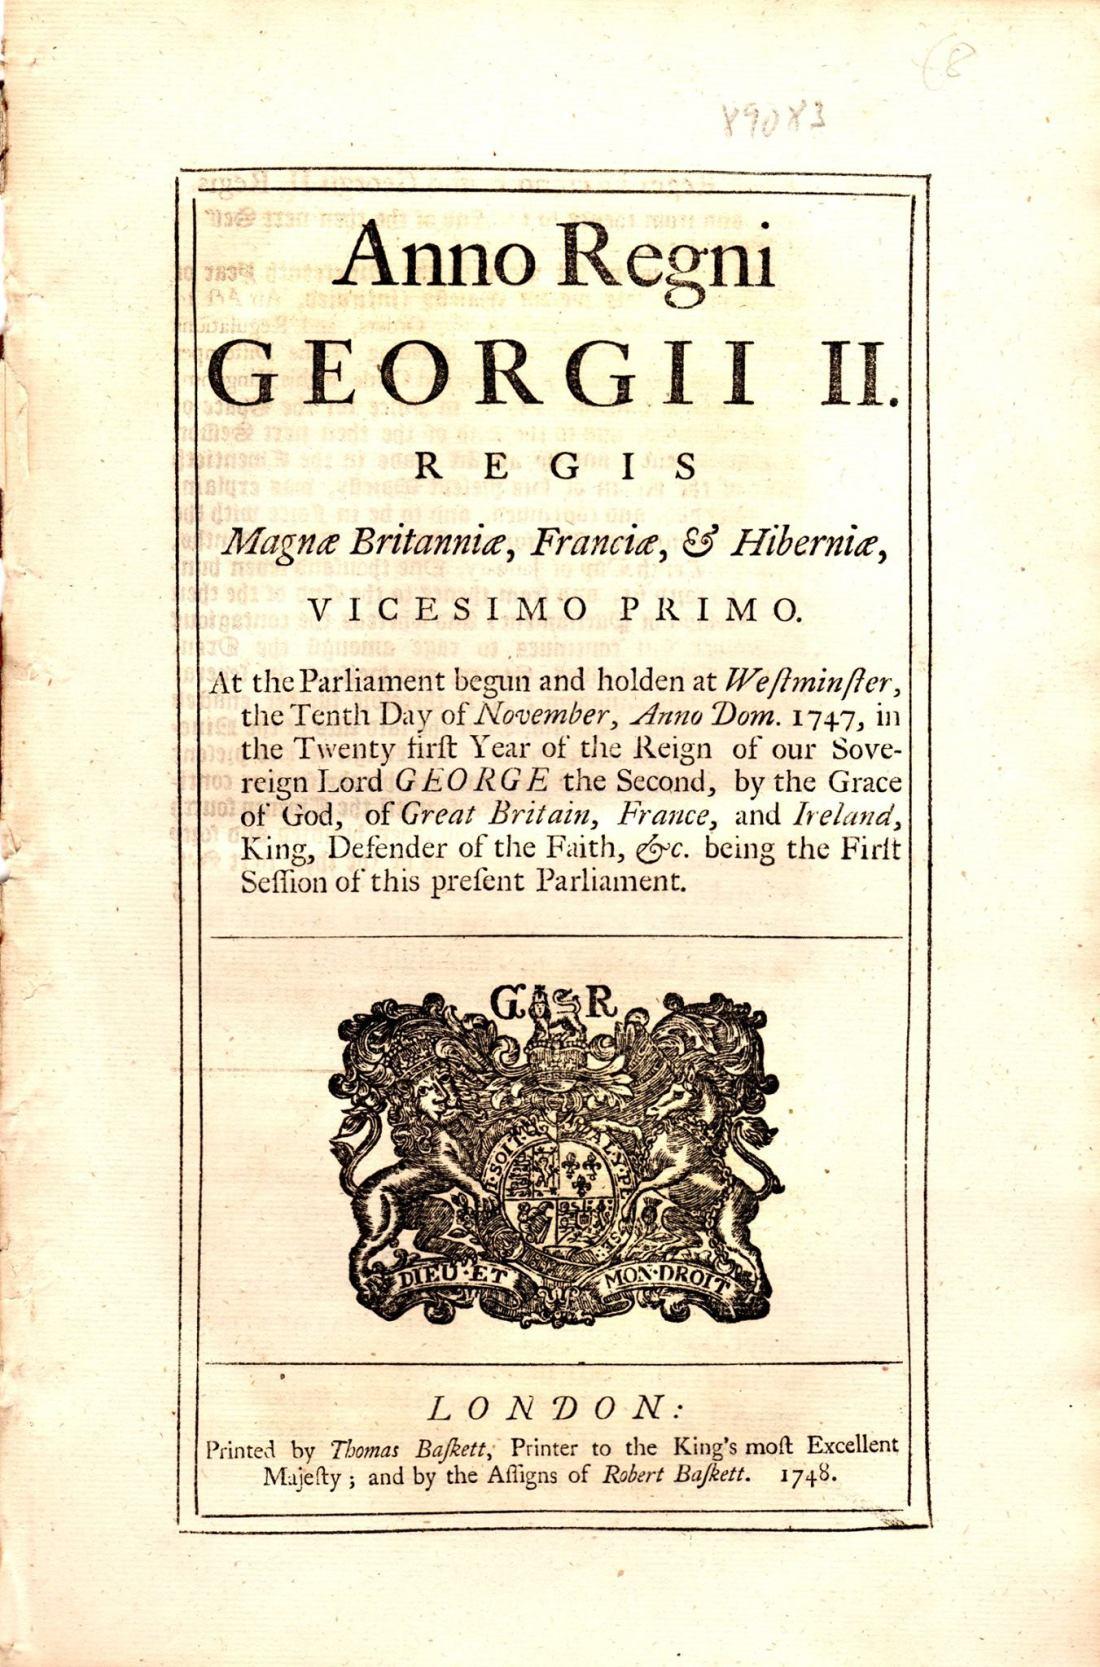 Act 1748a